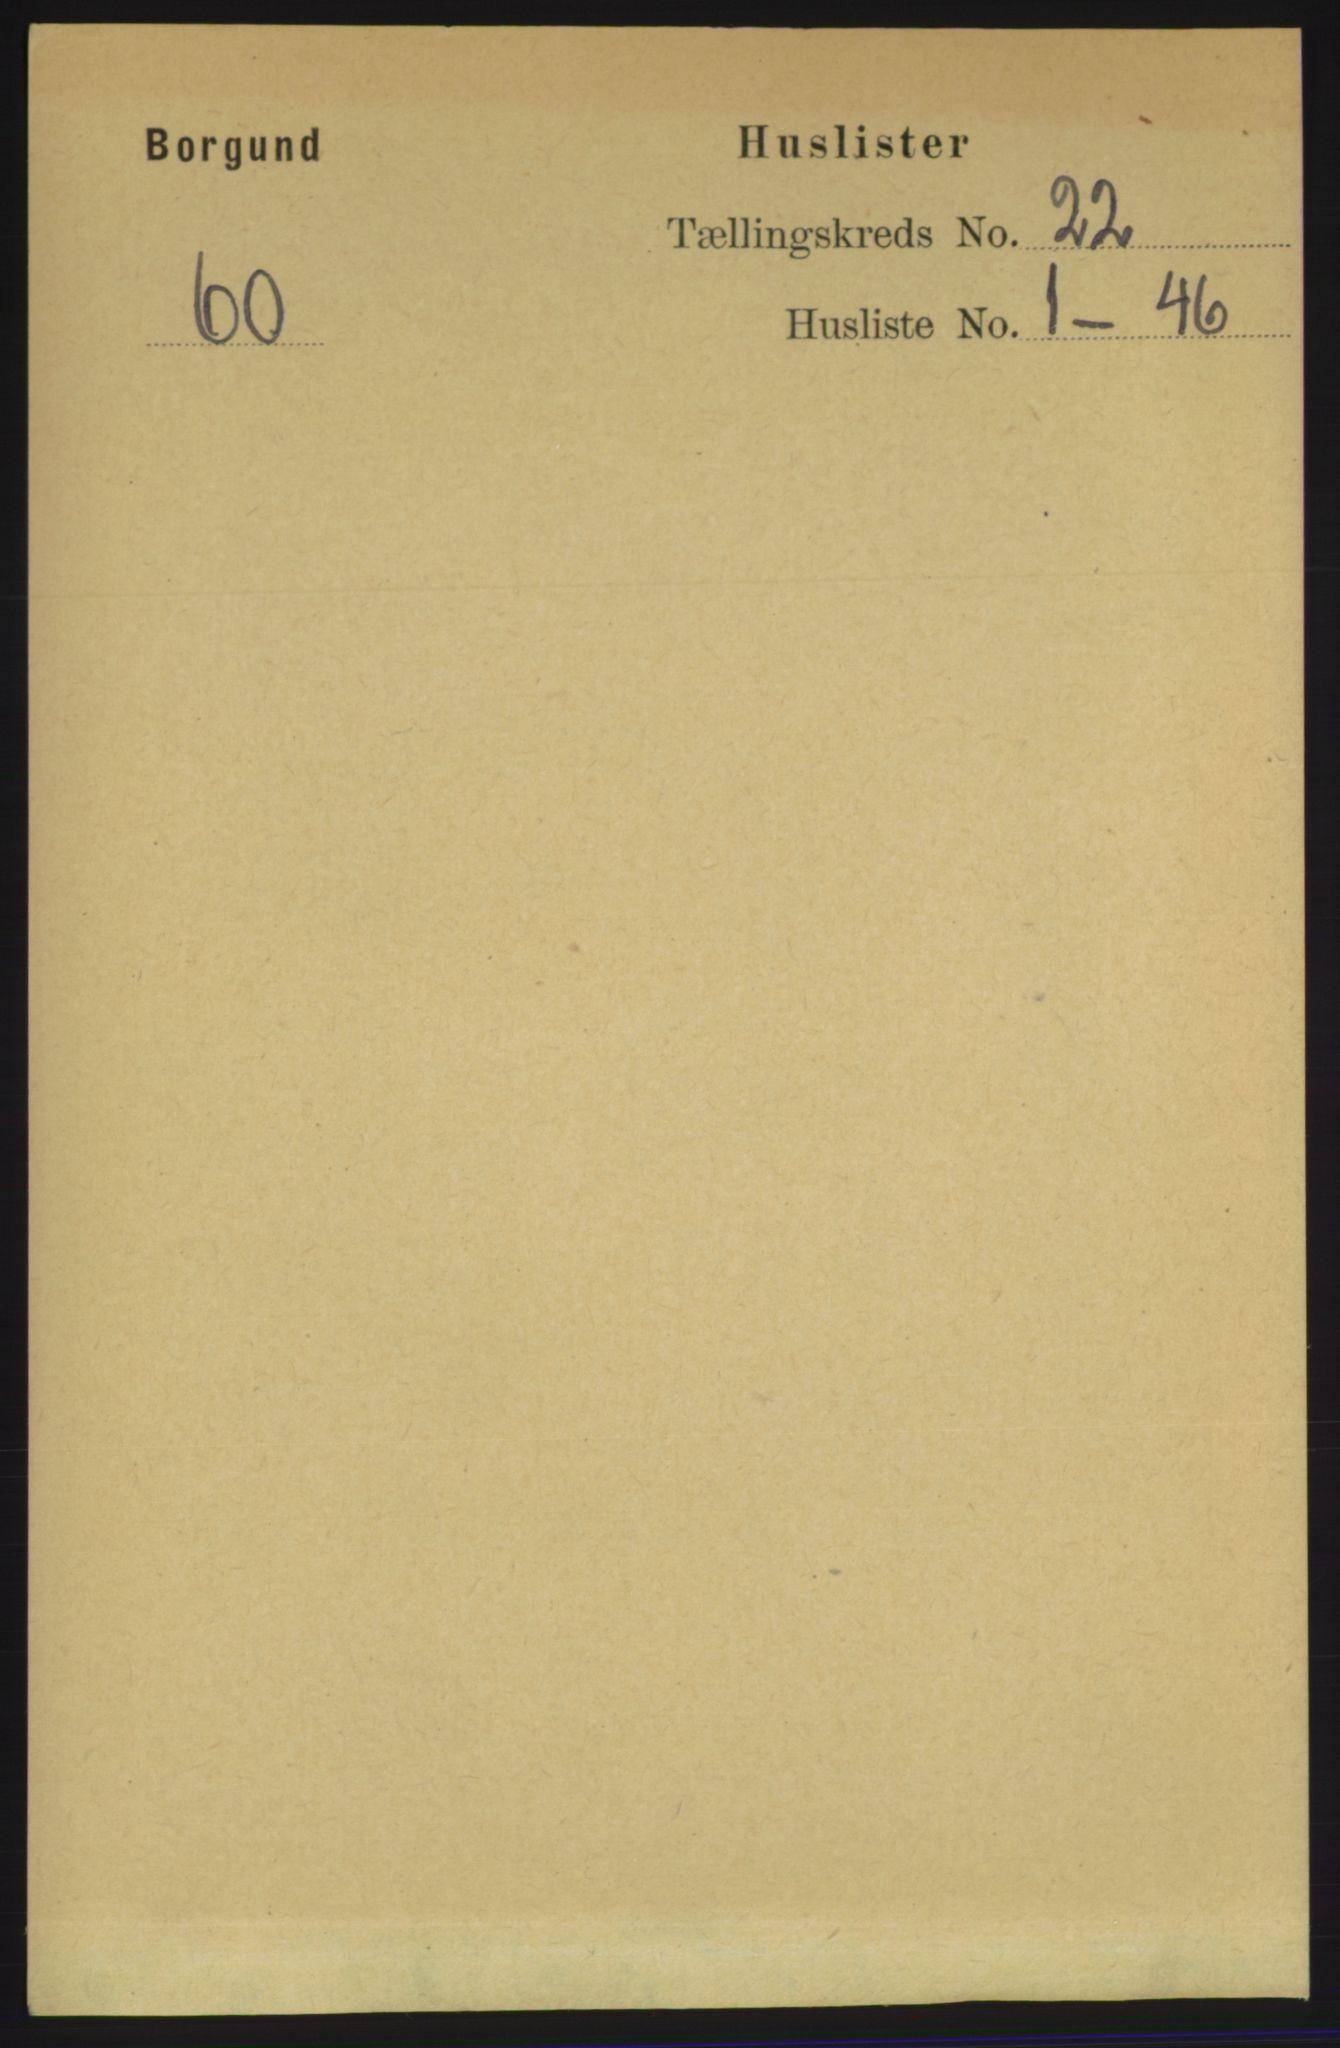 RA, Folketelling 1891 for 1531 Borgund herred, 1891, s. 6591